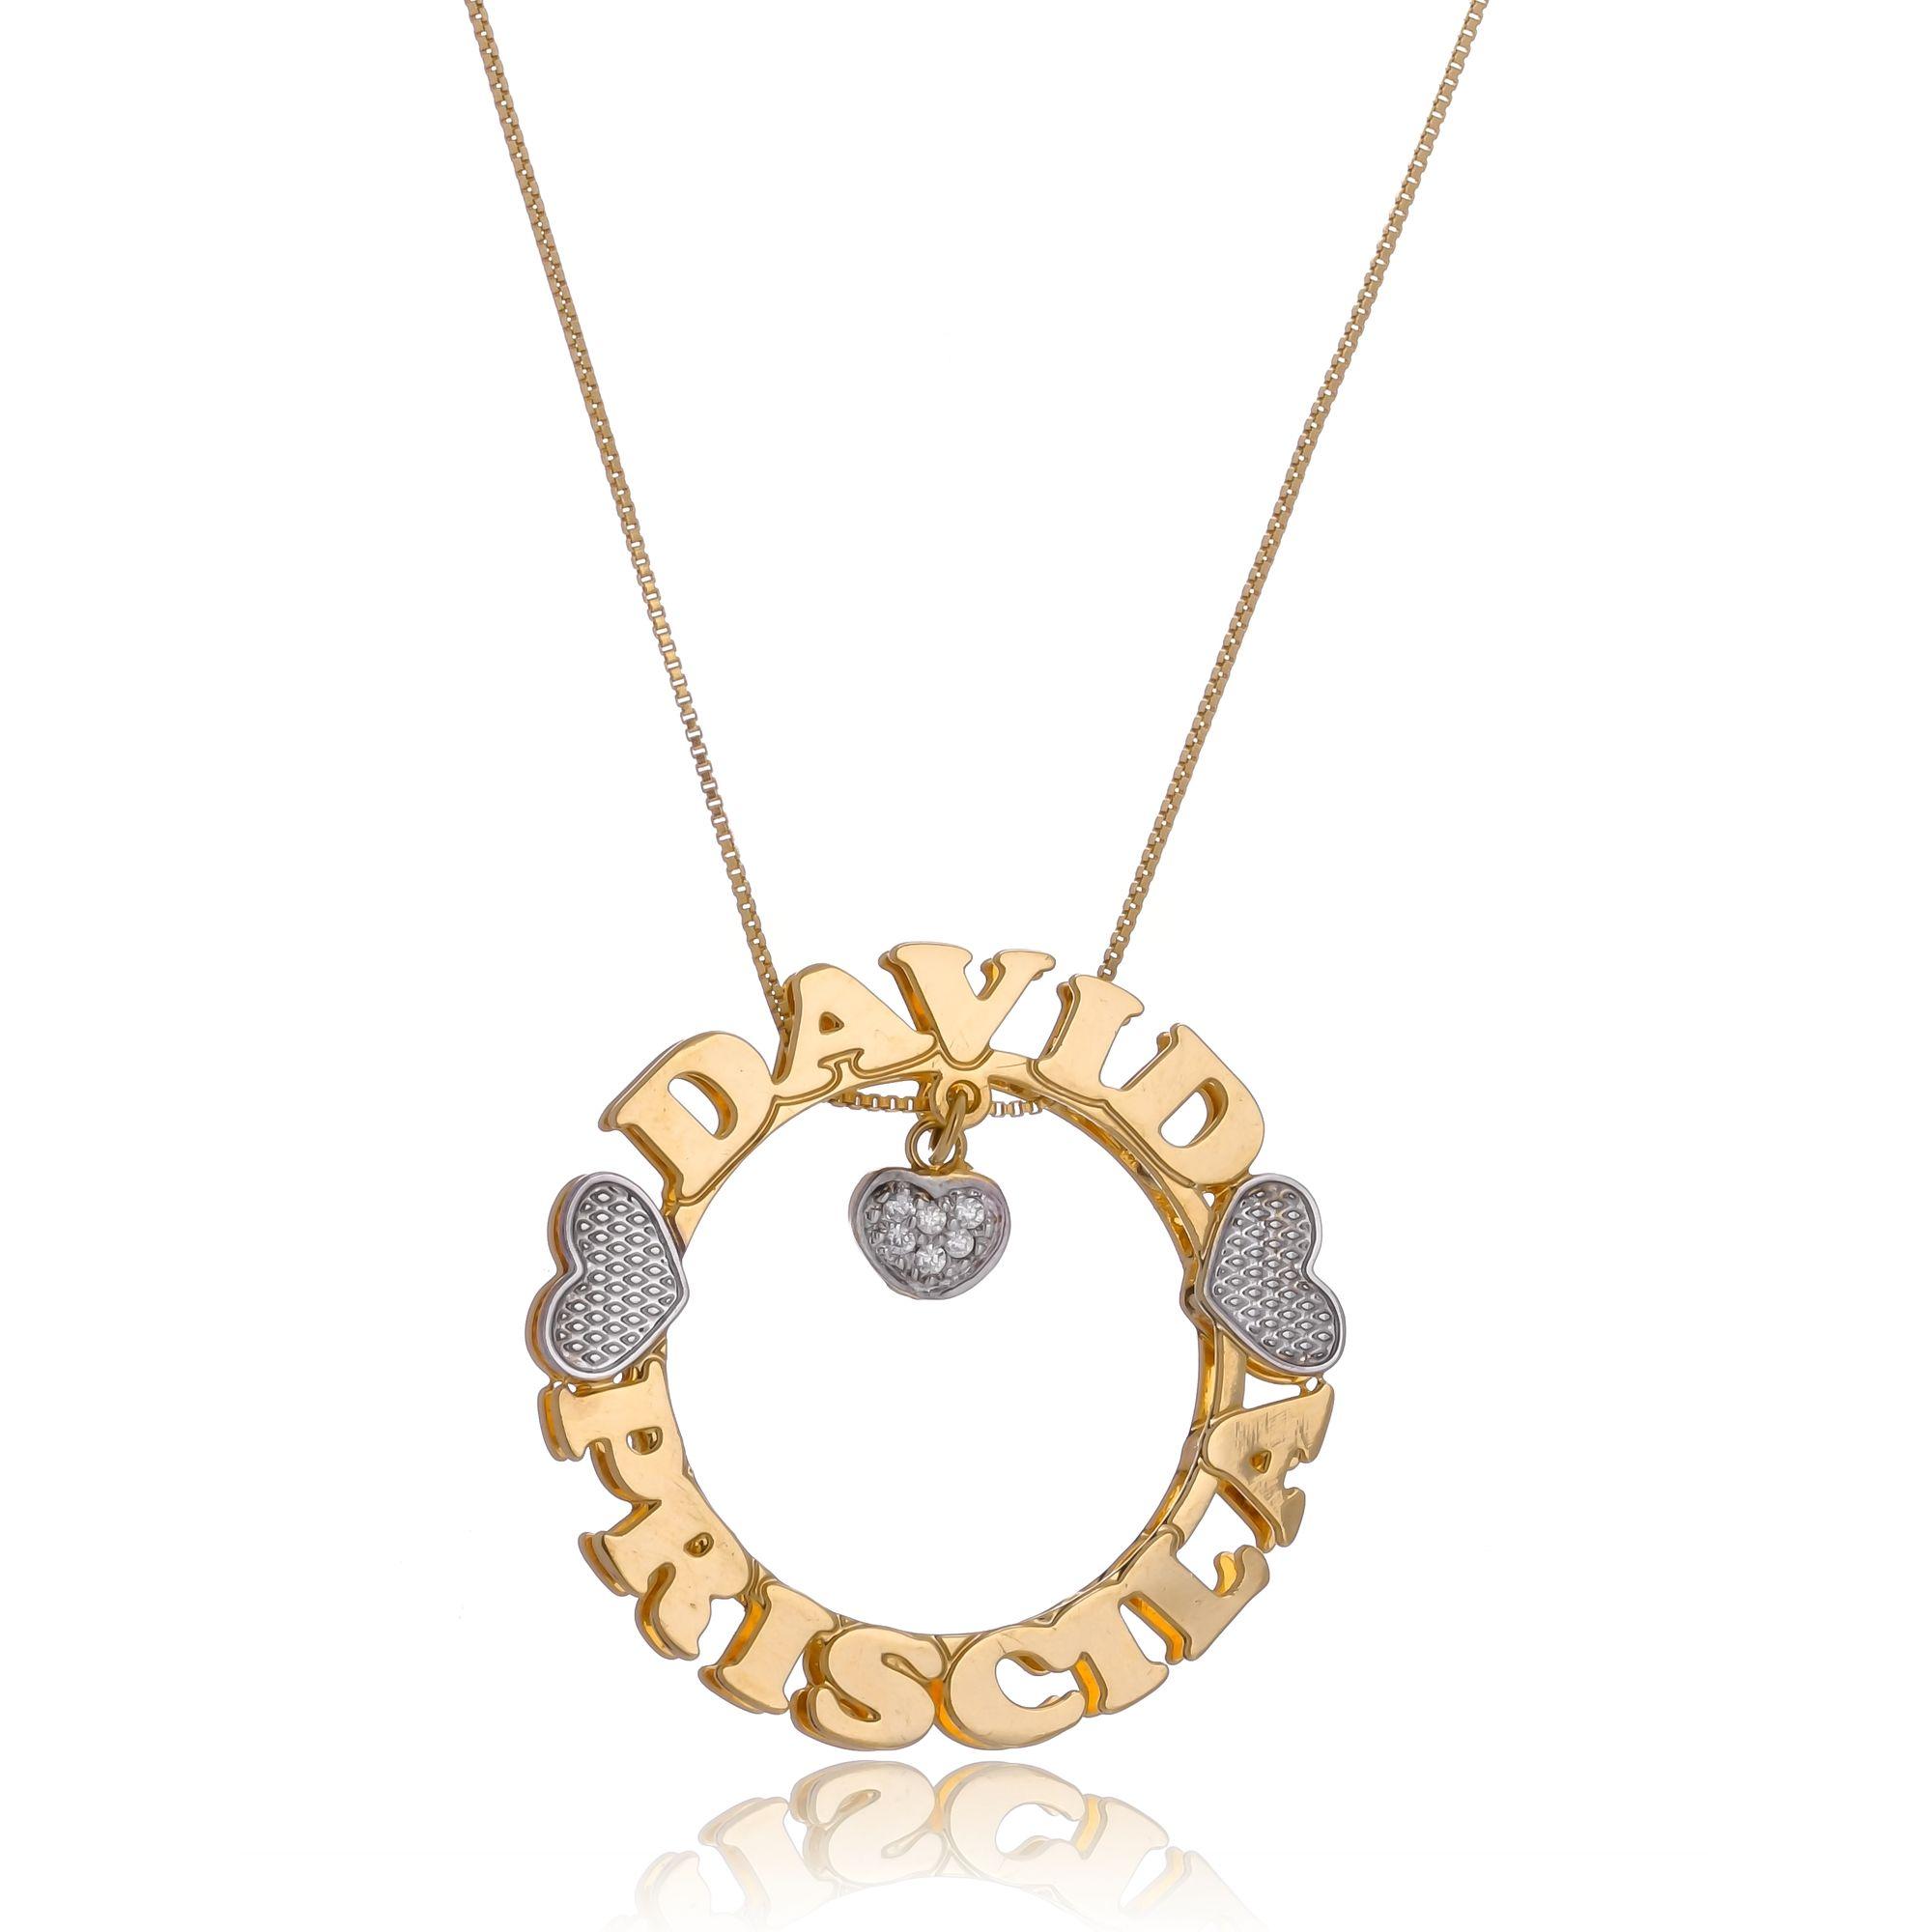 Colar Personalizado Mandala Envolvido pelos Nomes e Pingente de Coração com Ponto de Luz em Zircônia